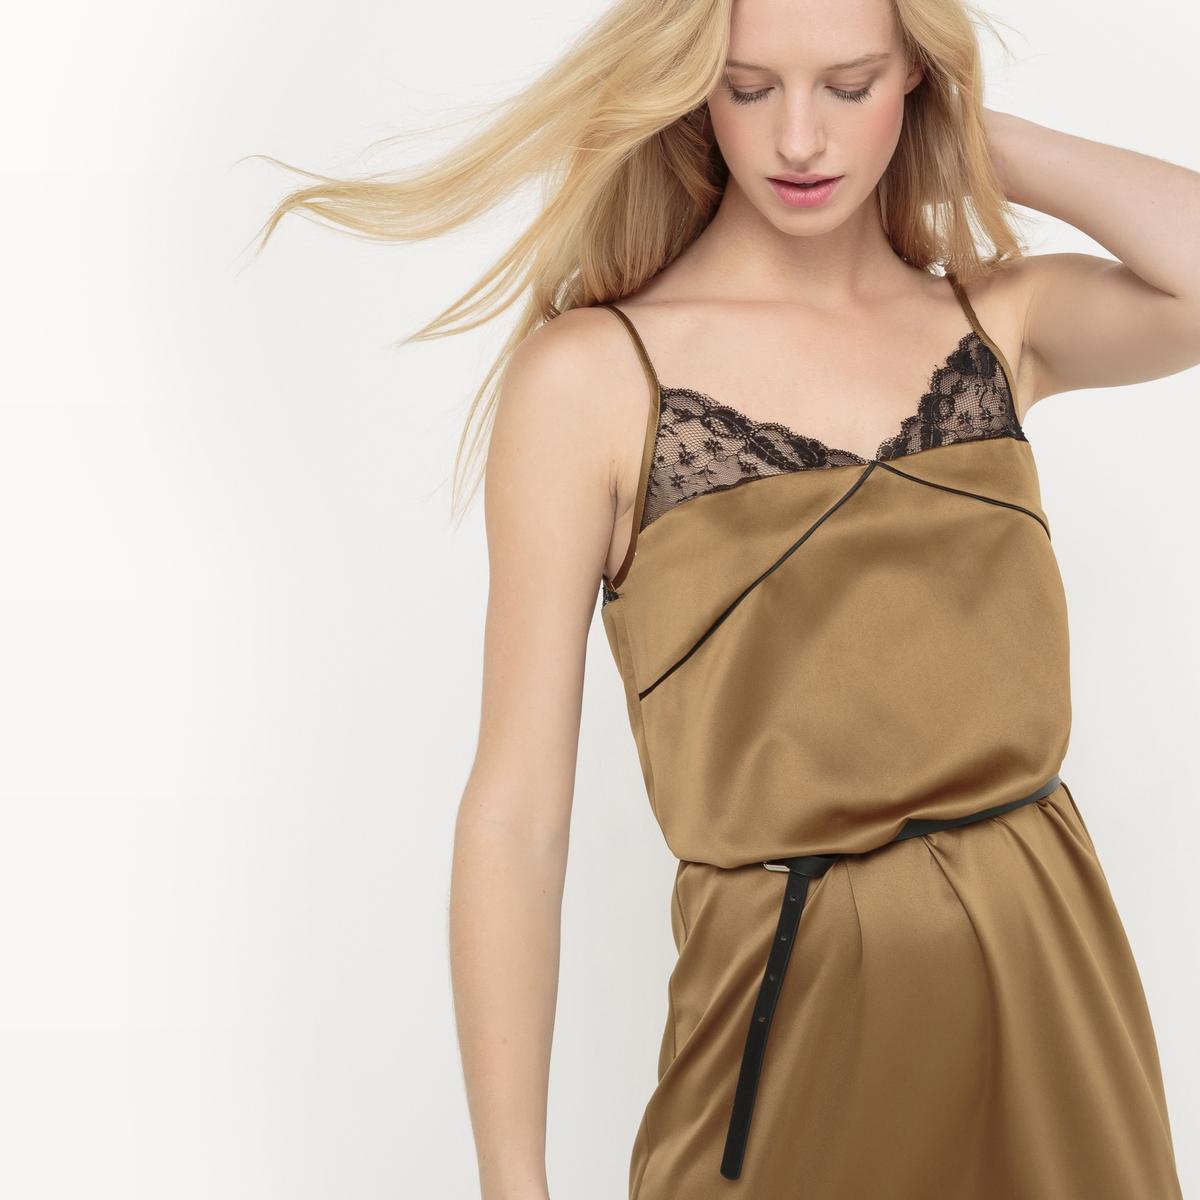 Платье из сатинаПлатье в форме ночной рубашки из сатина. Тонкие бретели. Прямой покрой. Две шлицы внизу по бокам. Кружево сверху и на уровне шлиц . Тонкий контрастный кант, подчеркивающий бюстье .    Состав и описаниеМатериал : 100% полиэстерДлина : 115 смМарка :      R ?ditionУход Машинная стирка при 30 °C в деликатном режиме Стирать с вещами схожих цветовМашинная сушка при умеренной температуре.Глажка при очень низкой температуре<br><br>Цвет: бронзовый<br>Размер: 42 (FR) - 48 (RUS)